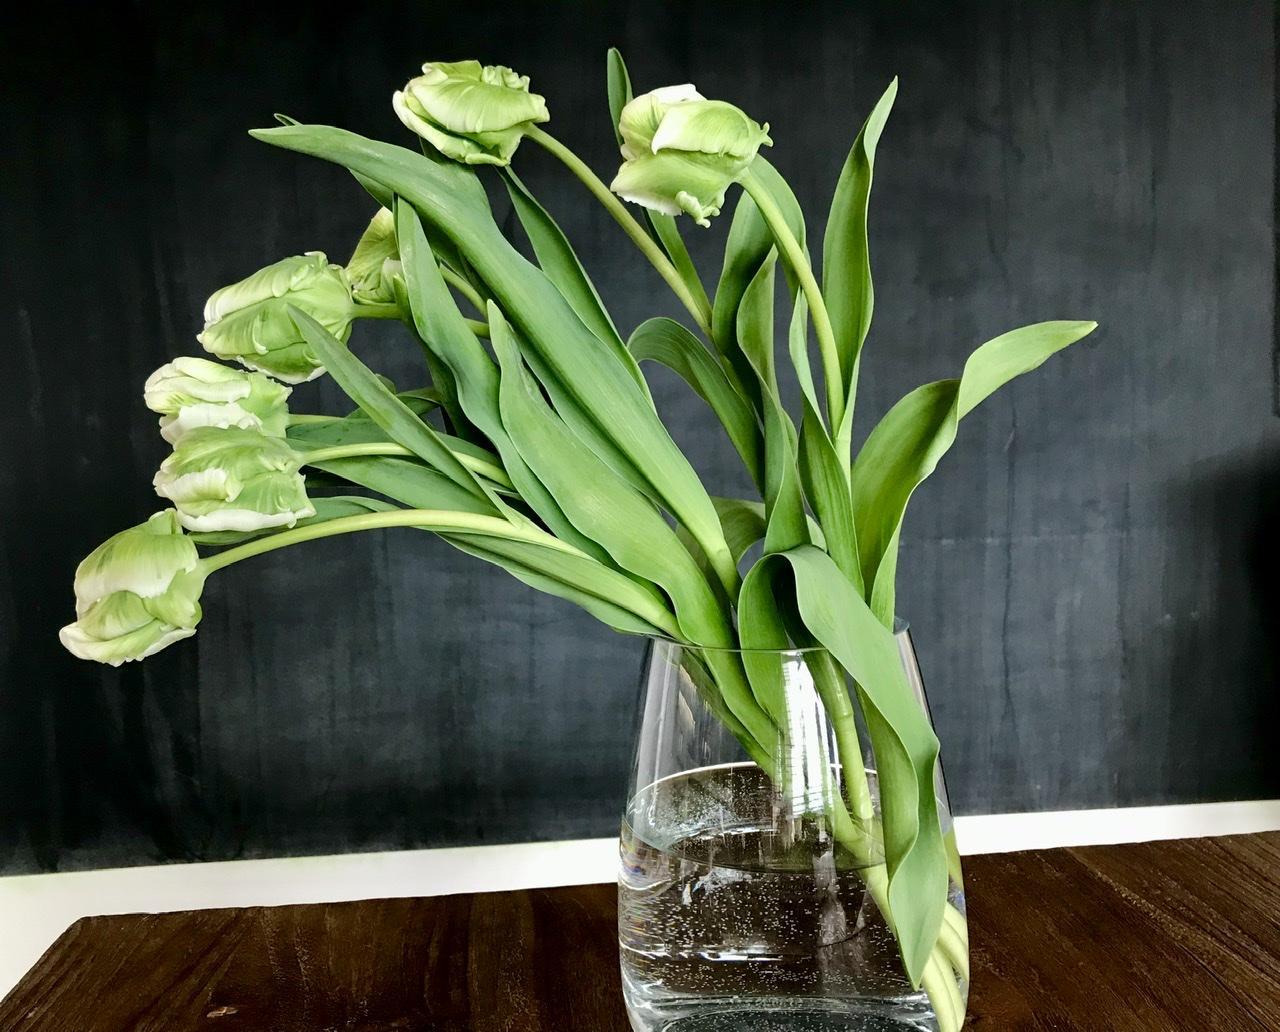 Naše L-ko - 2021 - stále dokončujeme - Biele tulipány super parrot z Loukykvet